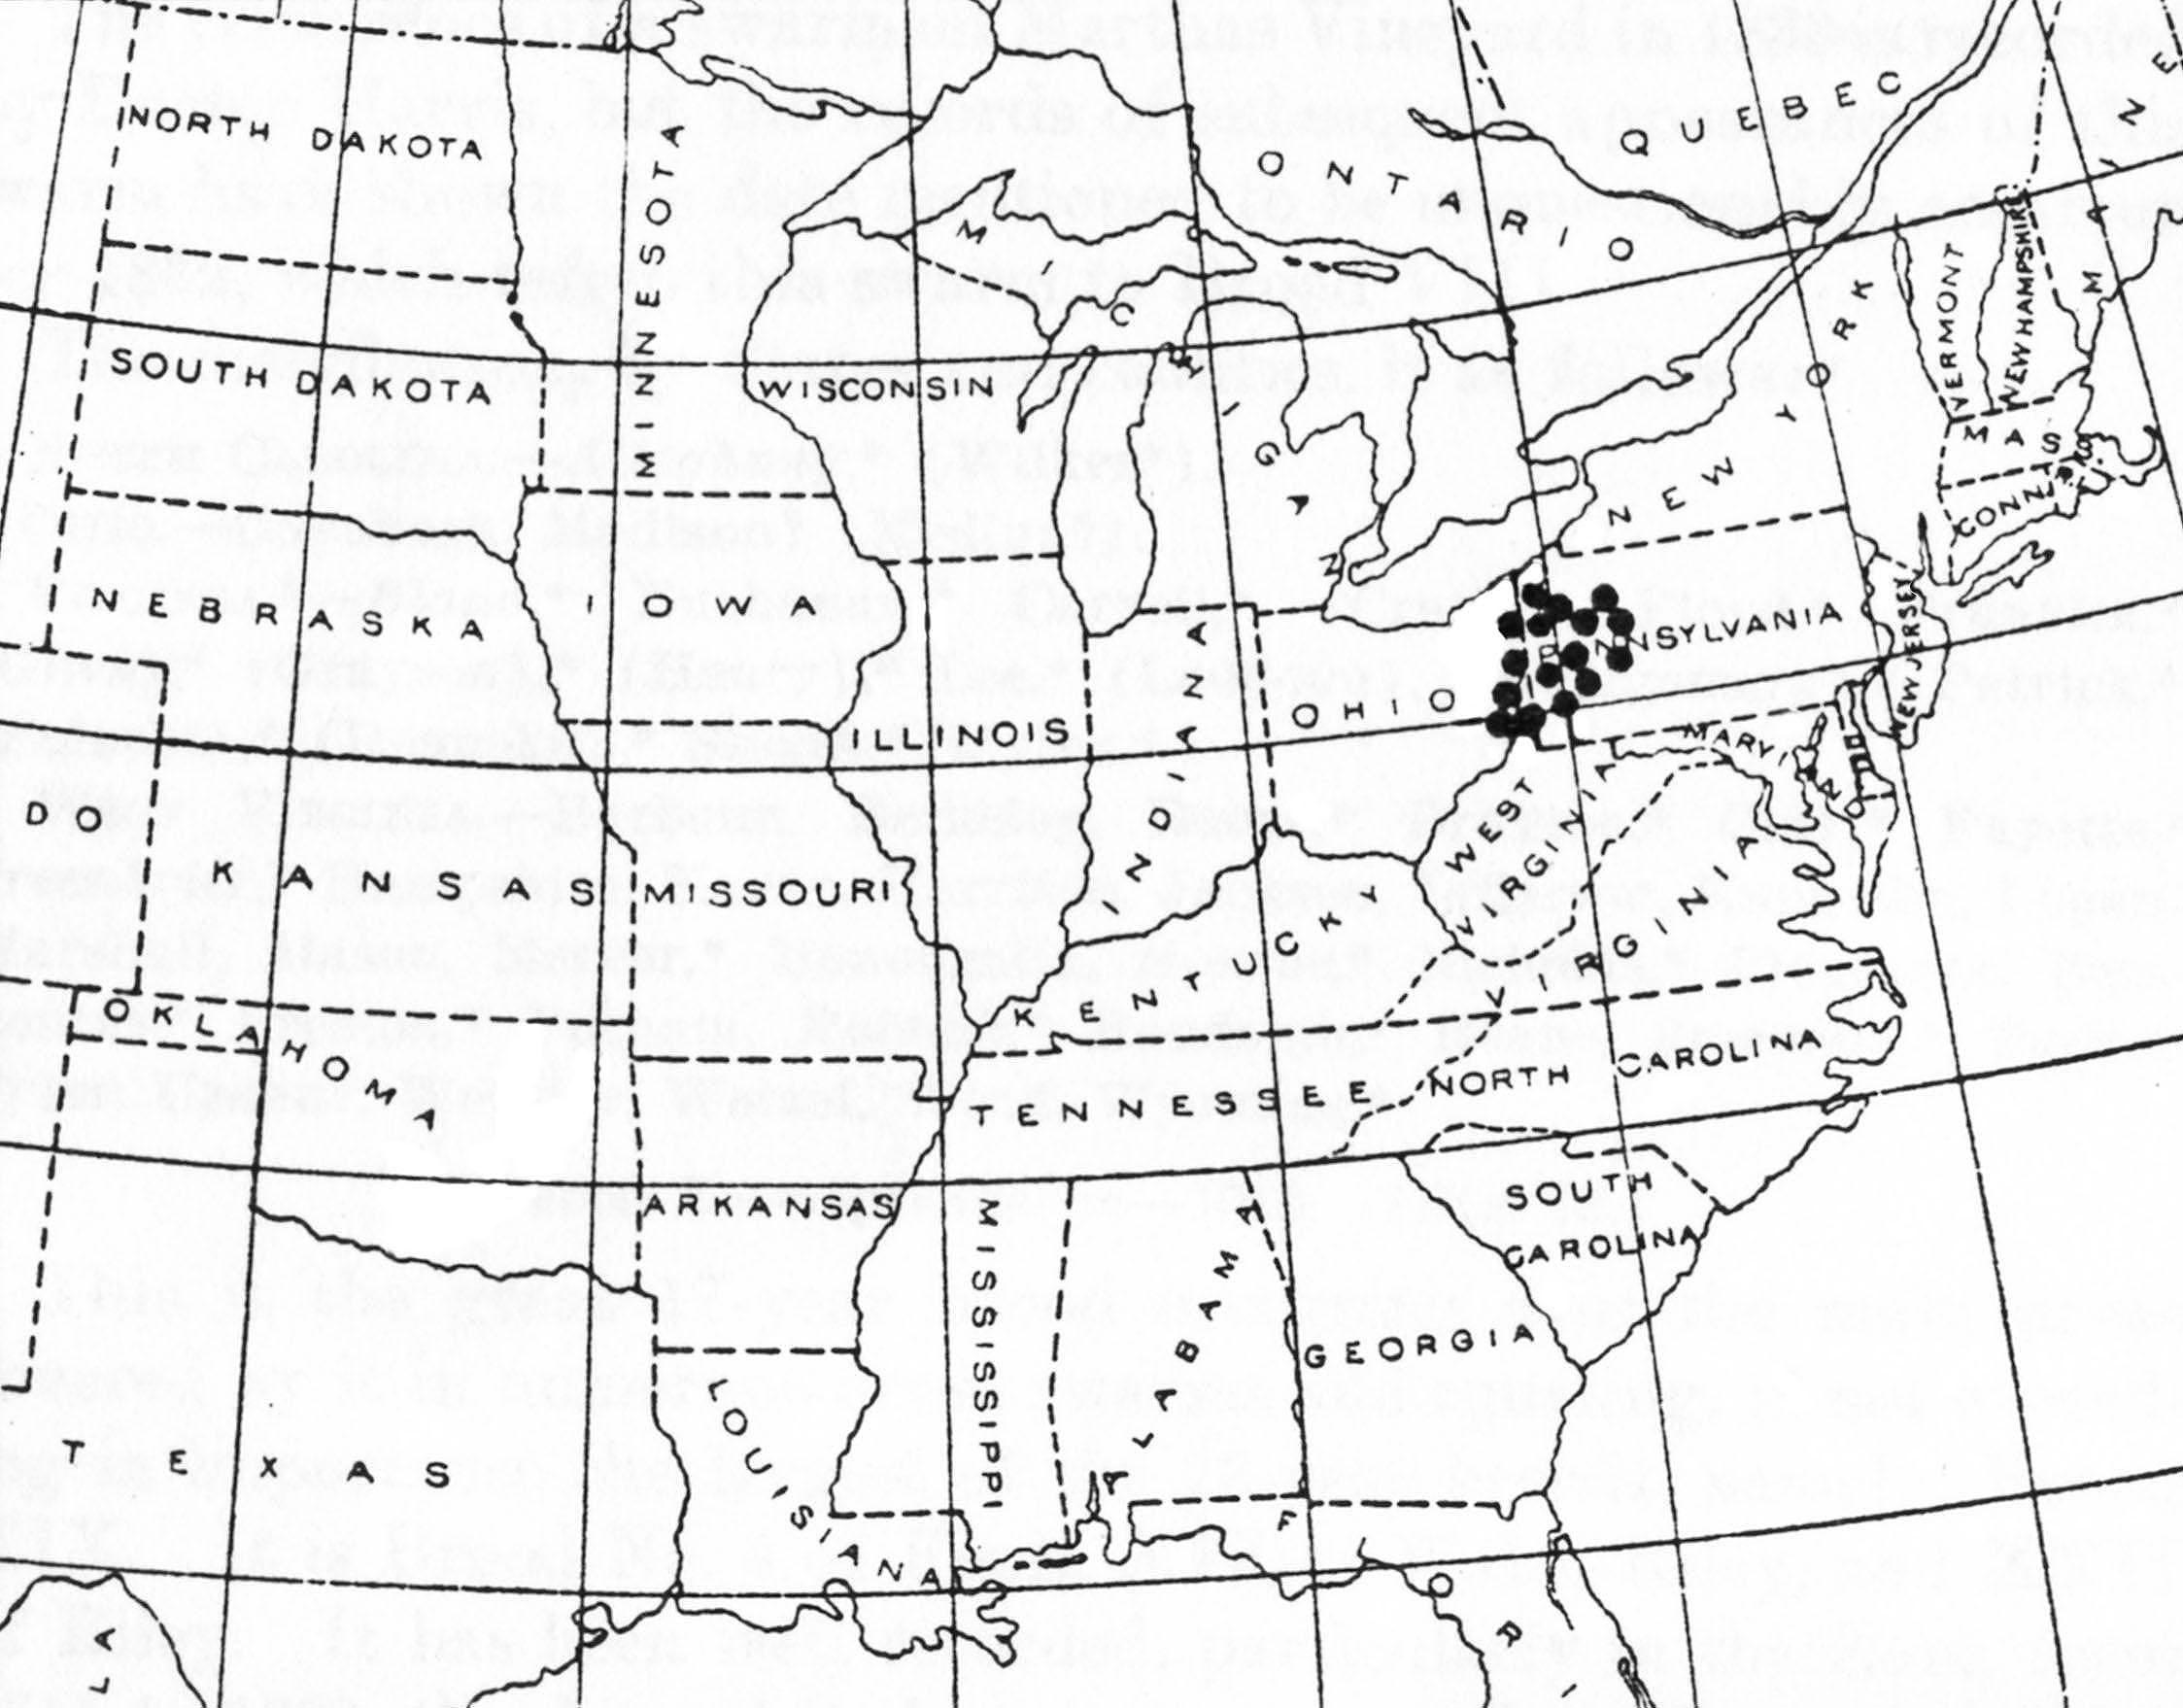 Brood VIII on cicadas 2014 map, east coast cicada map, southern cicadas 2013 map, cicada emergence map, cicada cycle map, cicada map 2015, cicada in pa map, brood x brood map, 17 year locust map, cicada range map, cicada swarm map,